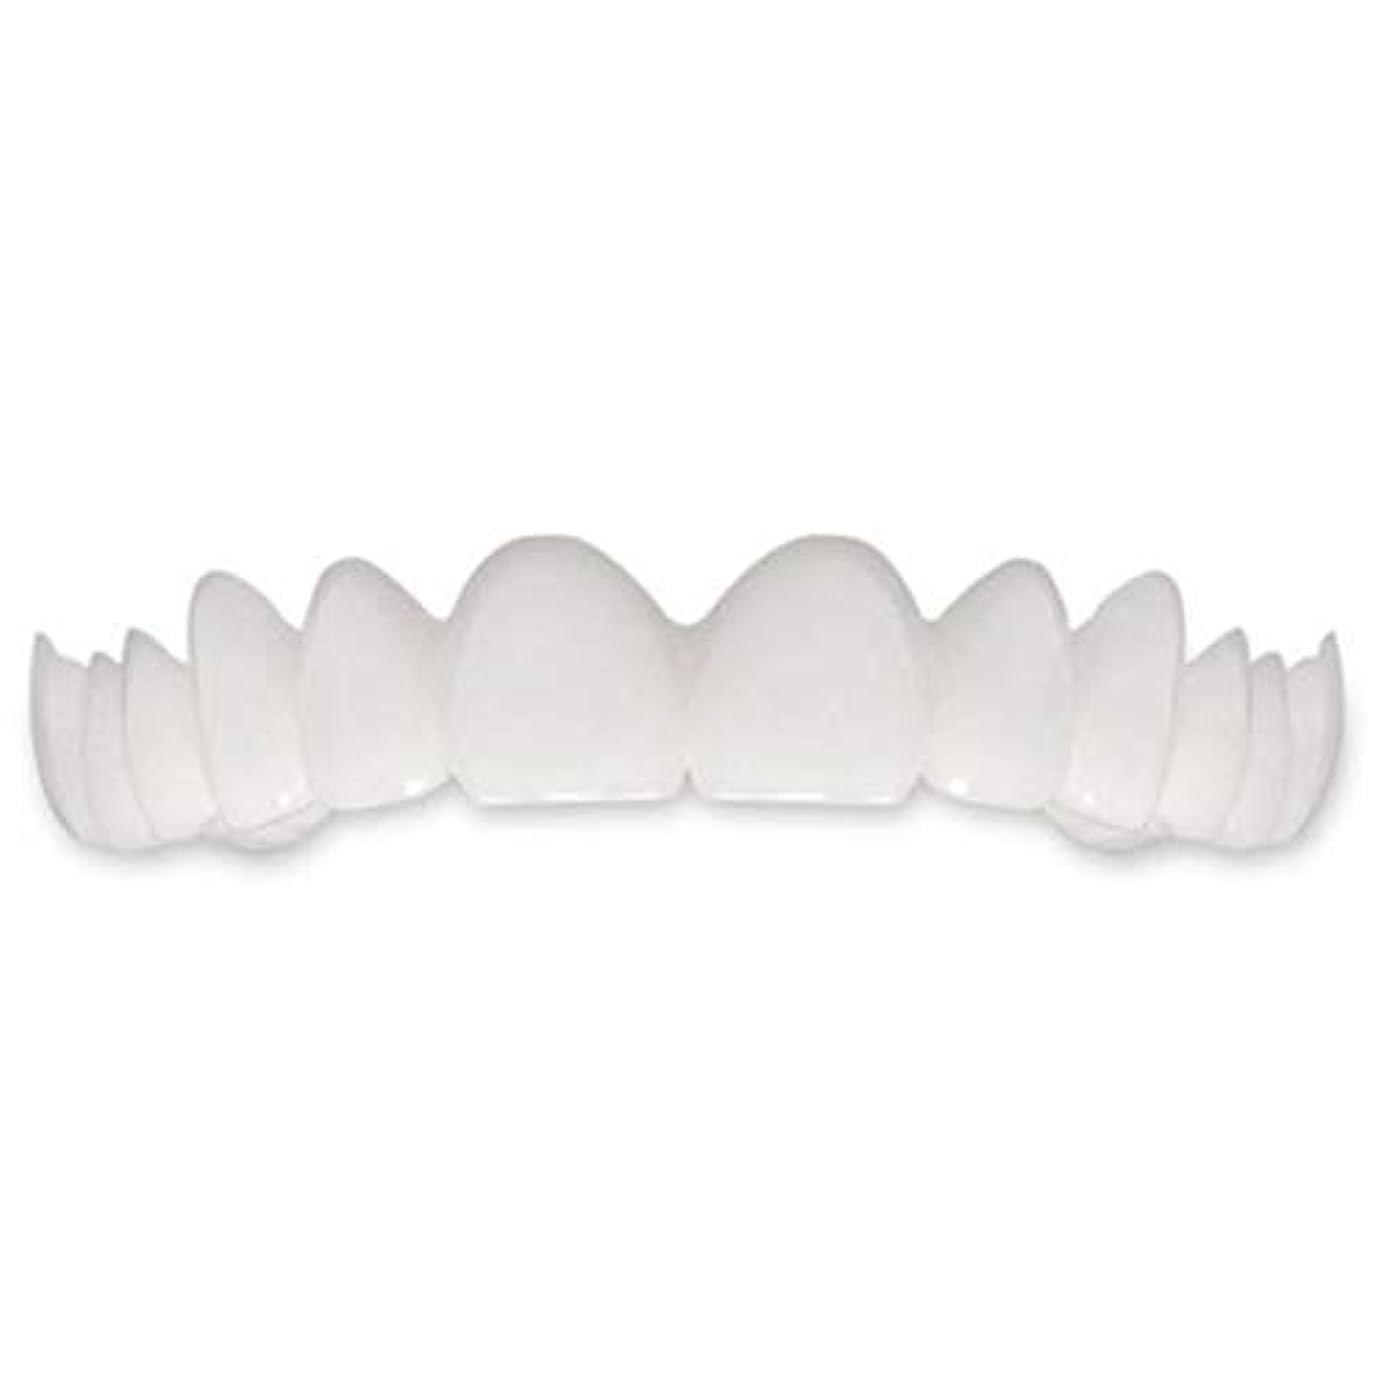 神経衰弱幸運勧告歯インスタントパーフェクトスマイルフレックス歯ホワイトニングスマイルフォールスティースカバー(ホワイト)